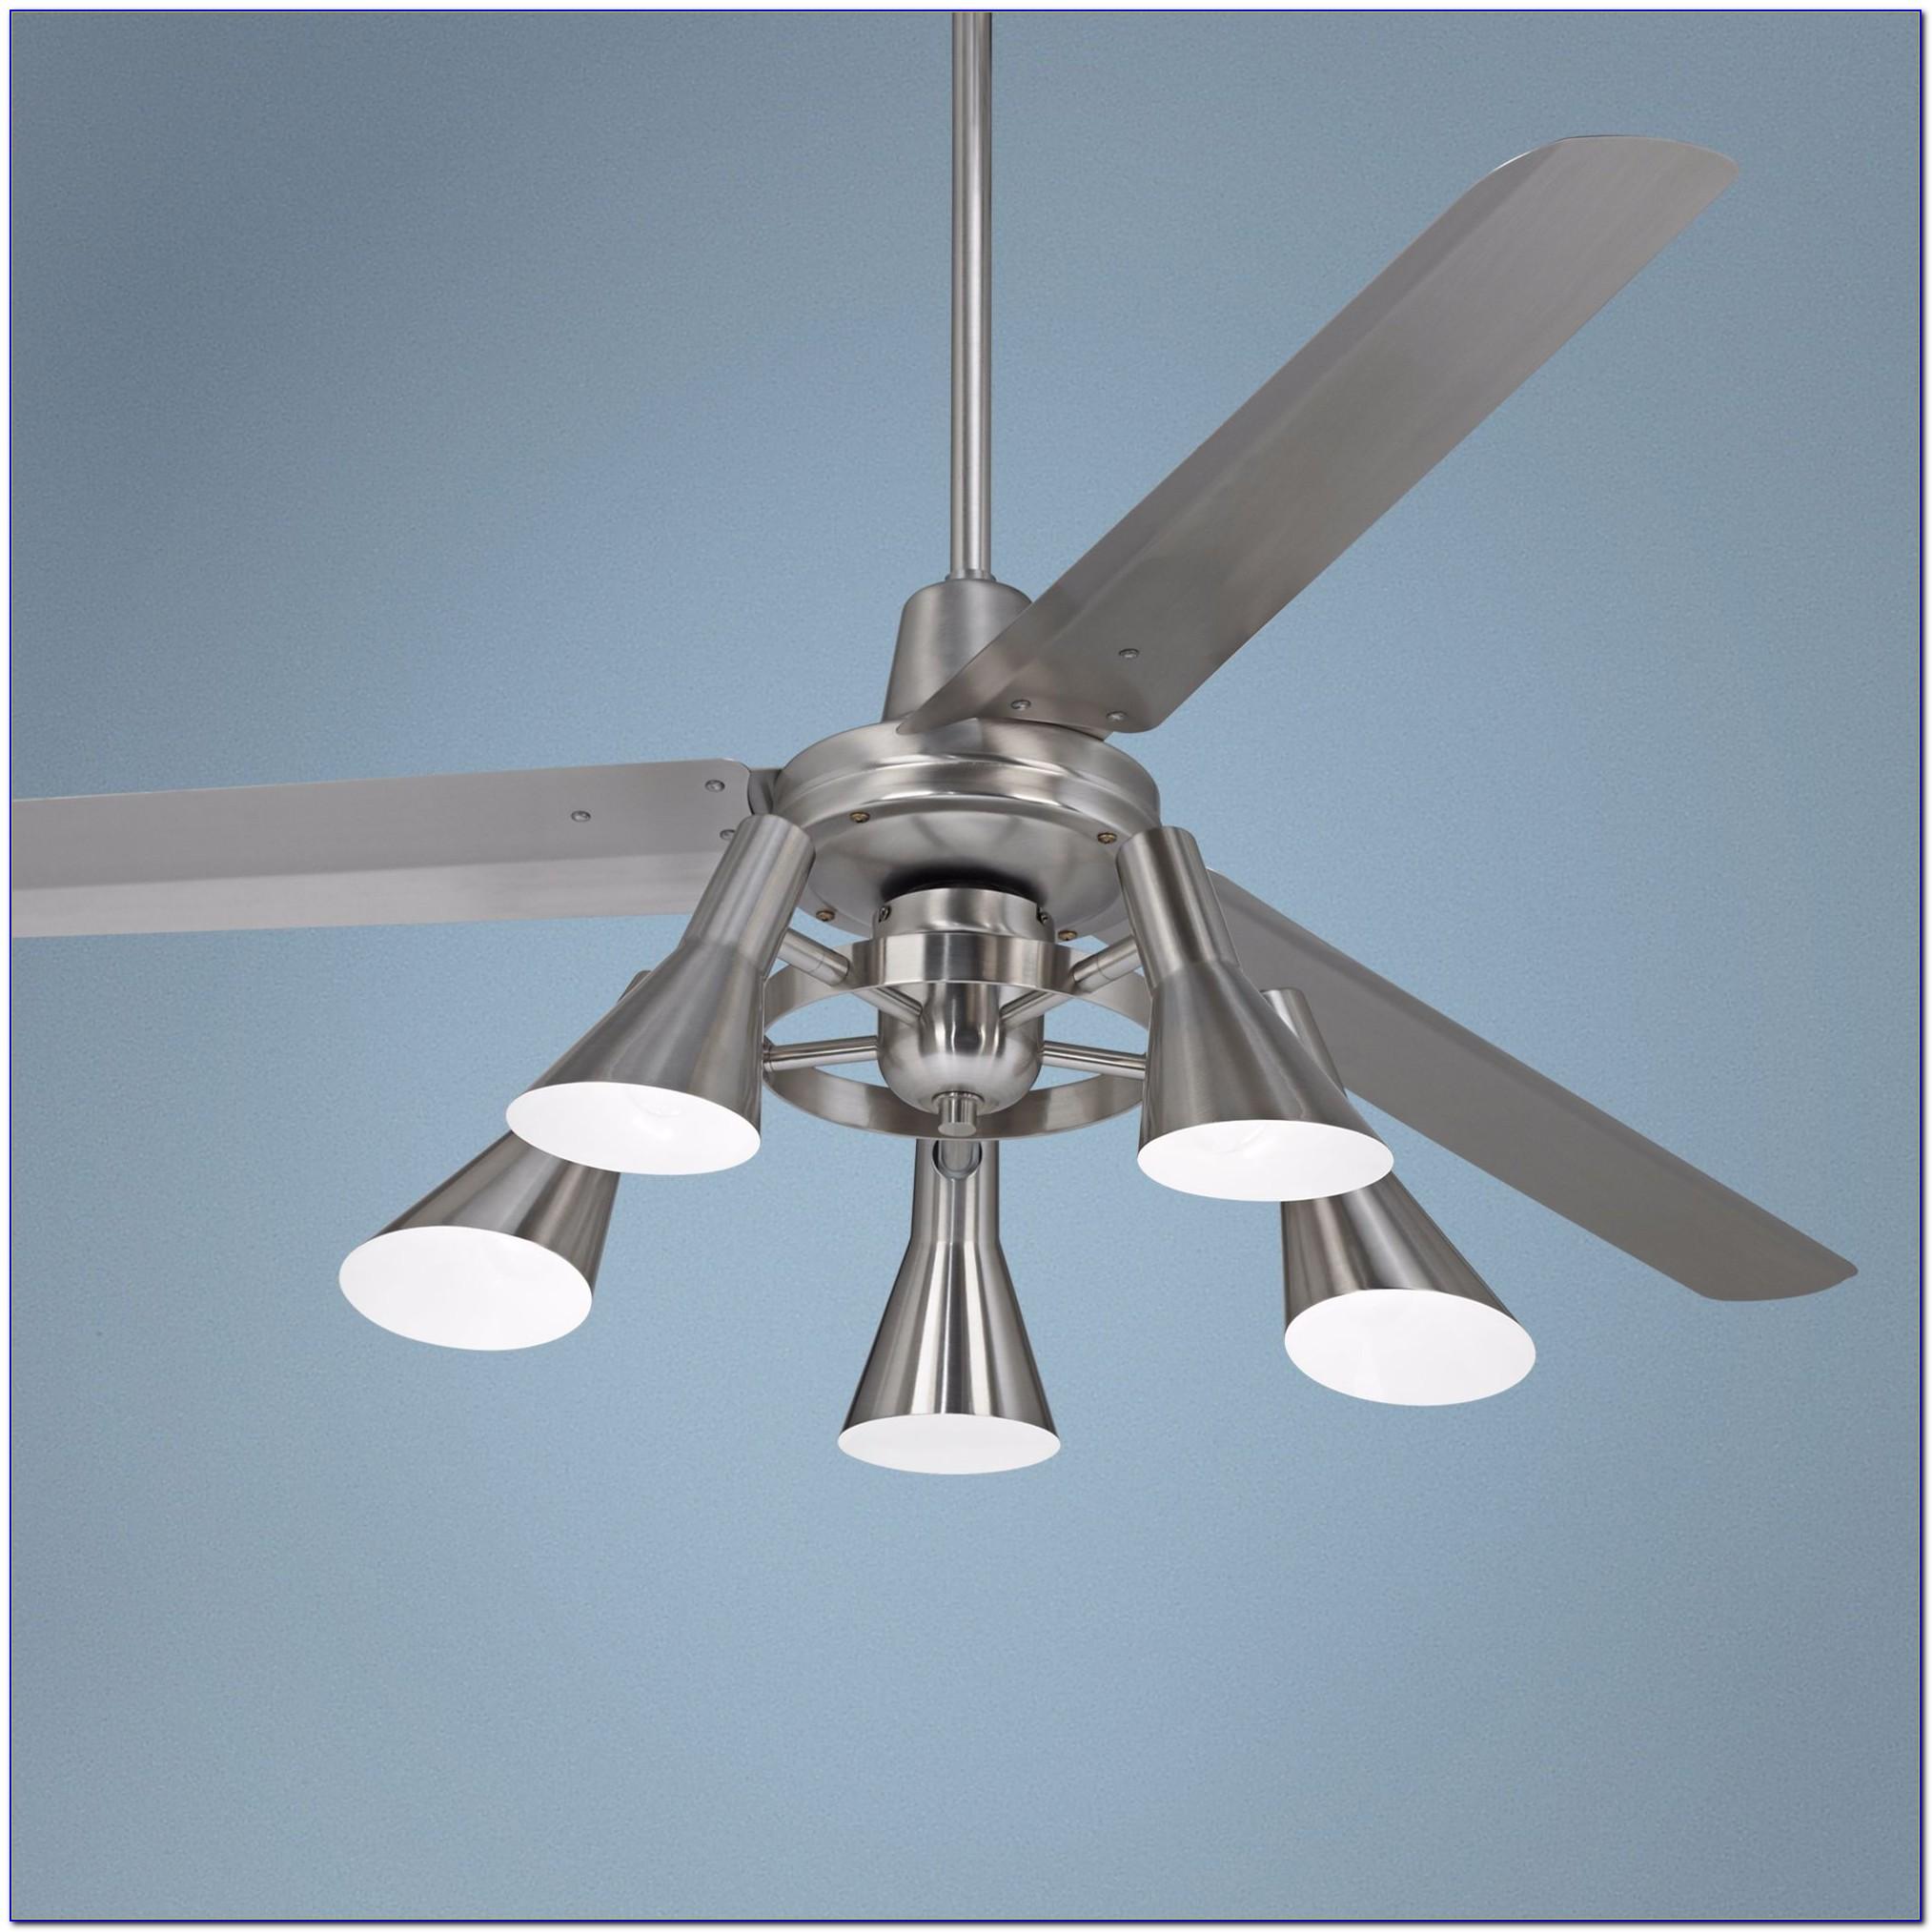 Led Light Bulb For Ceiling Fan